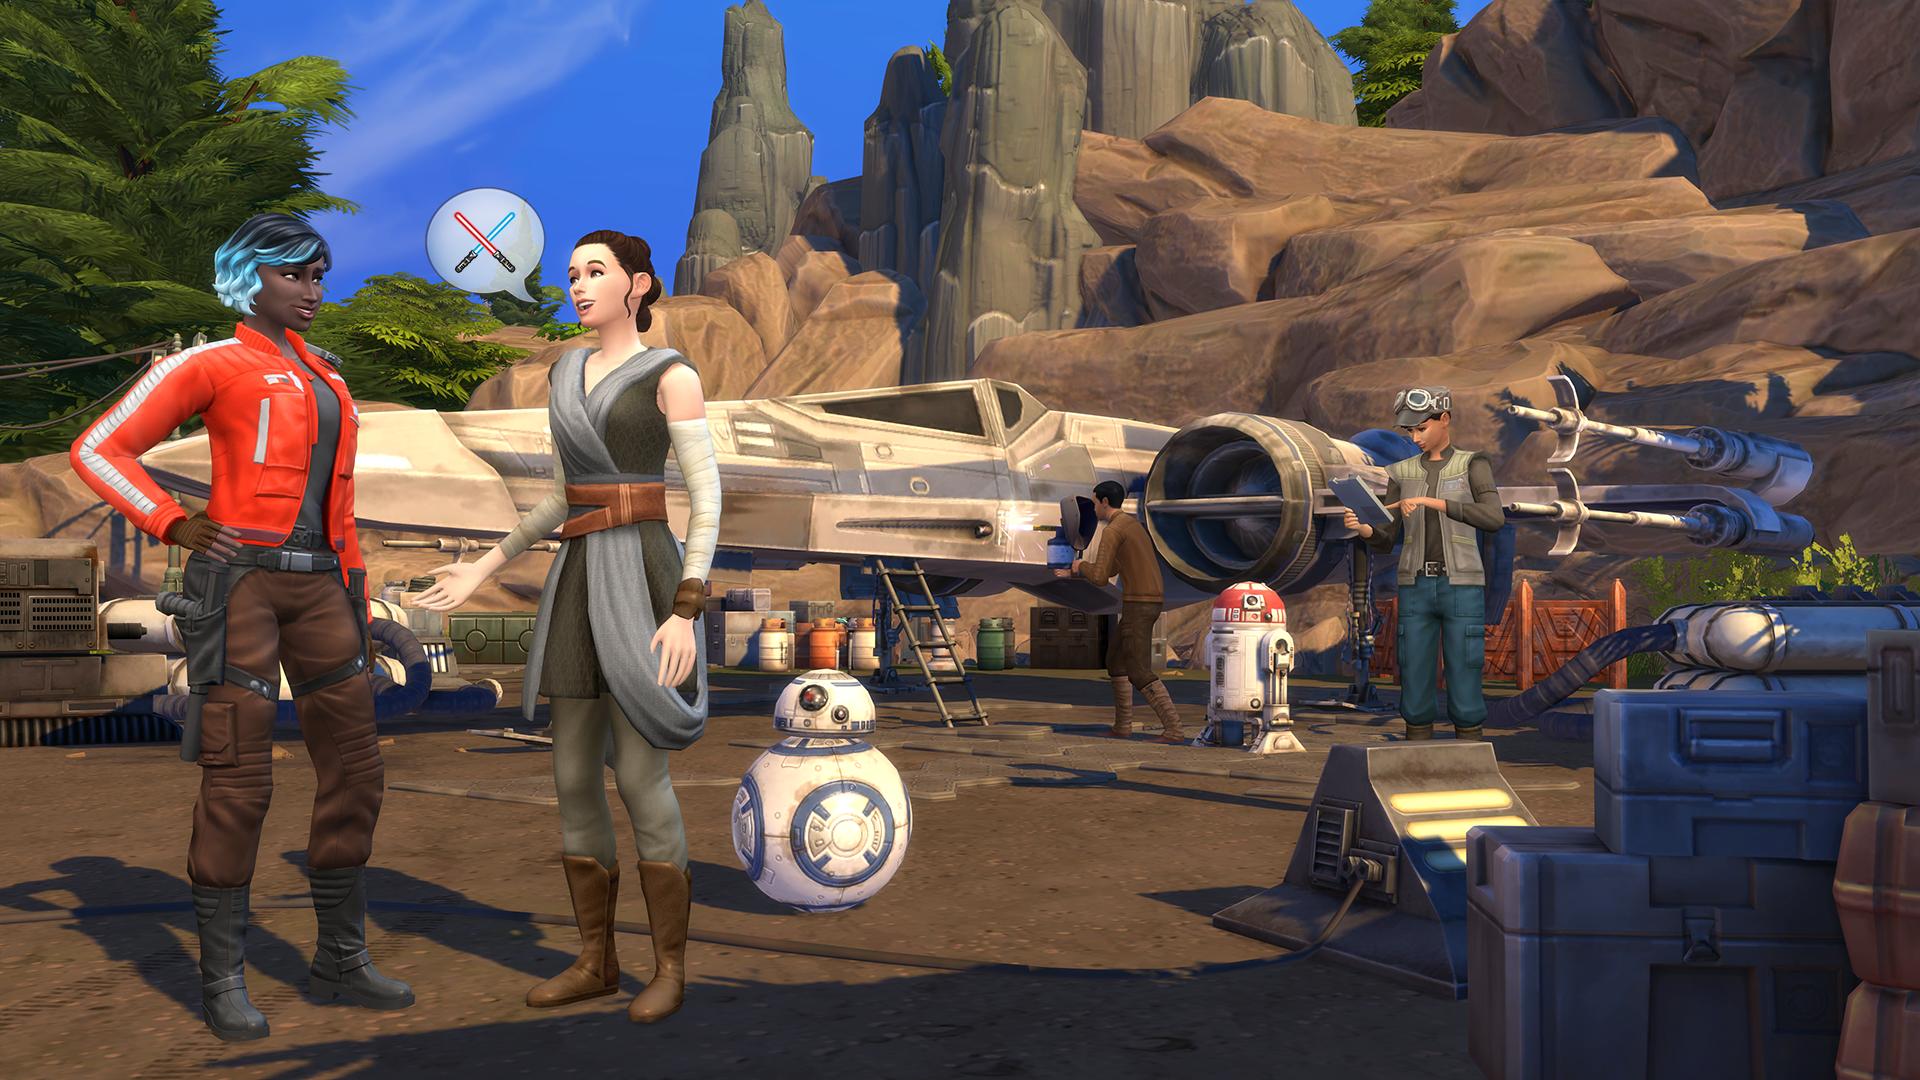 Die Sims 4 Reise nach Batuu Star Wars Cheats